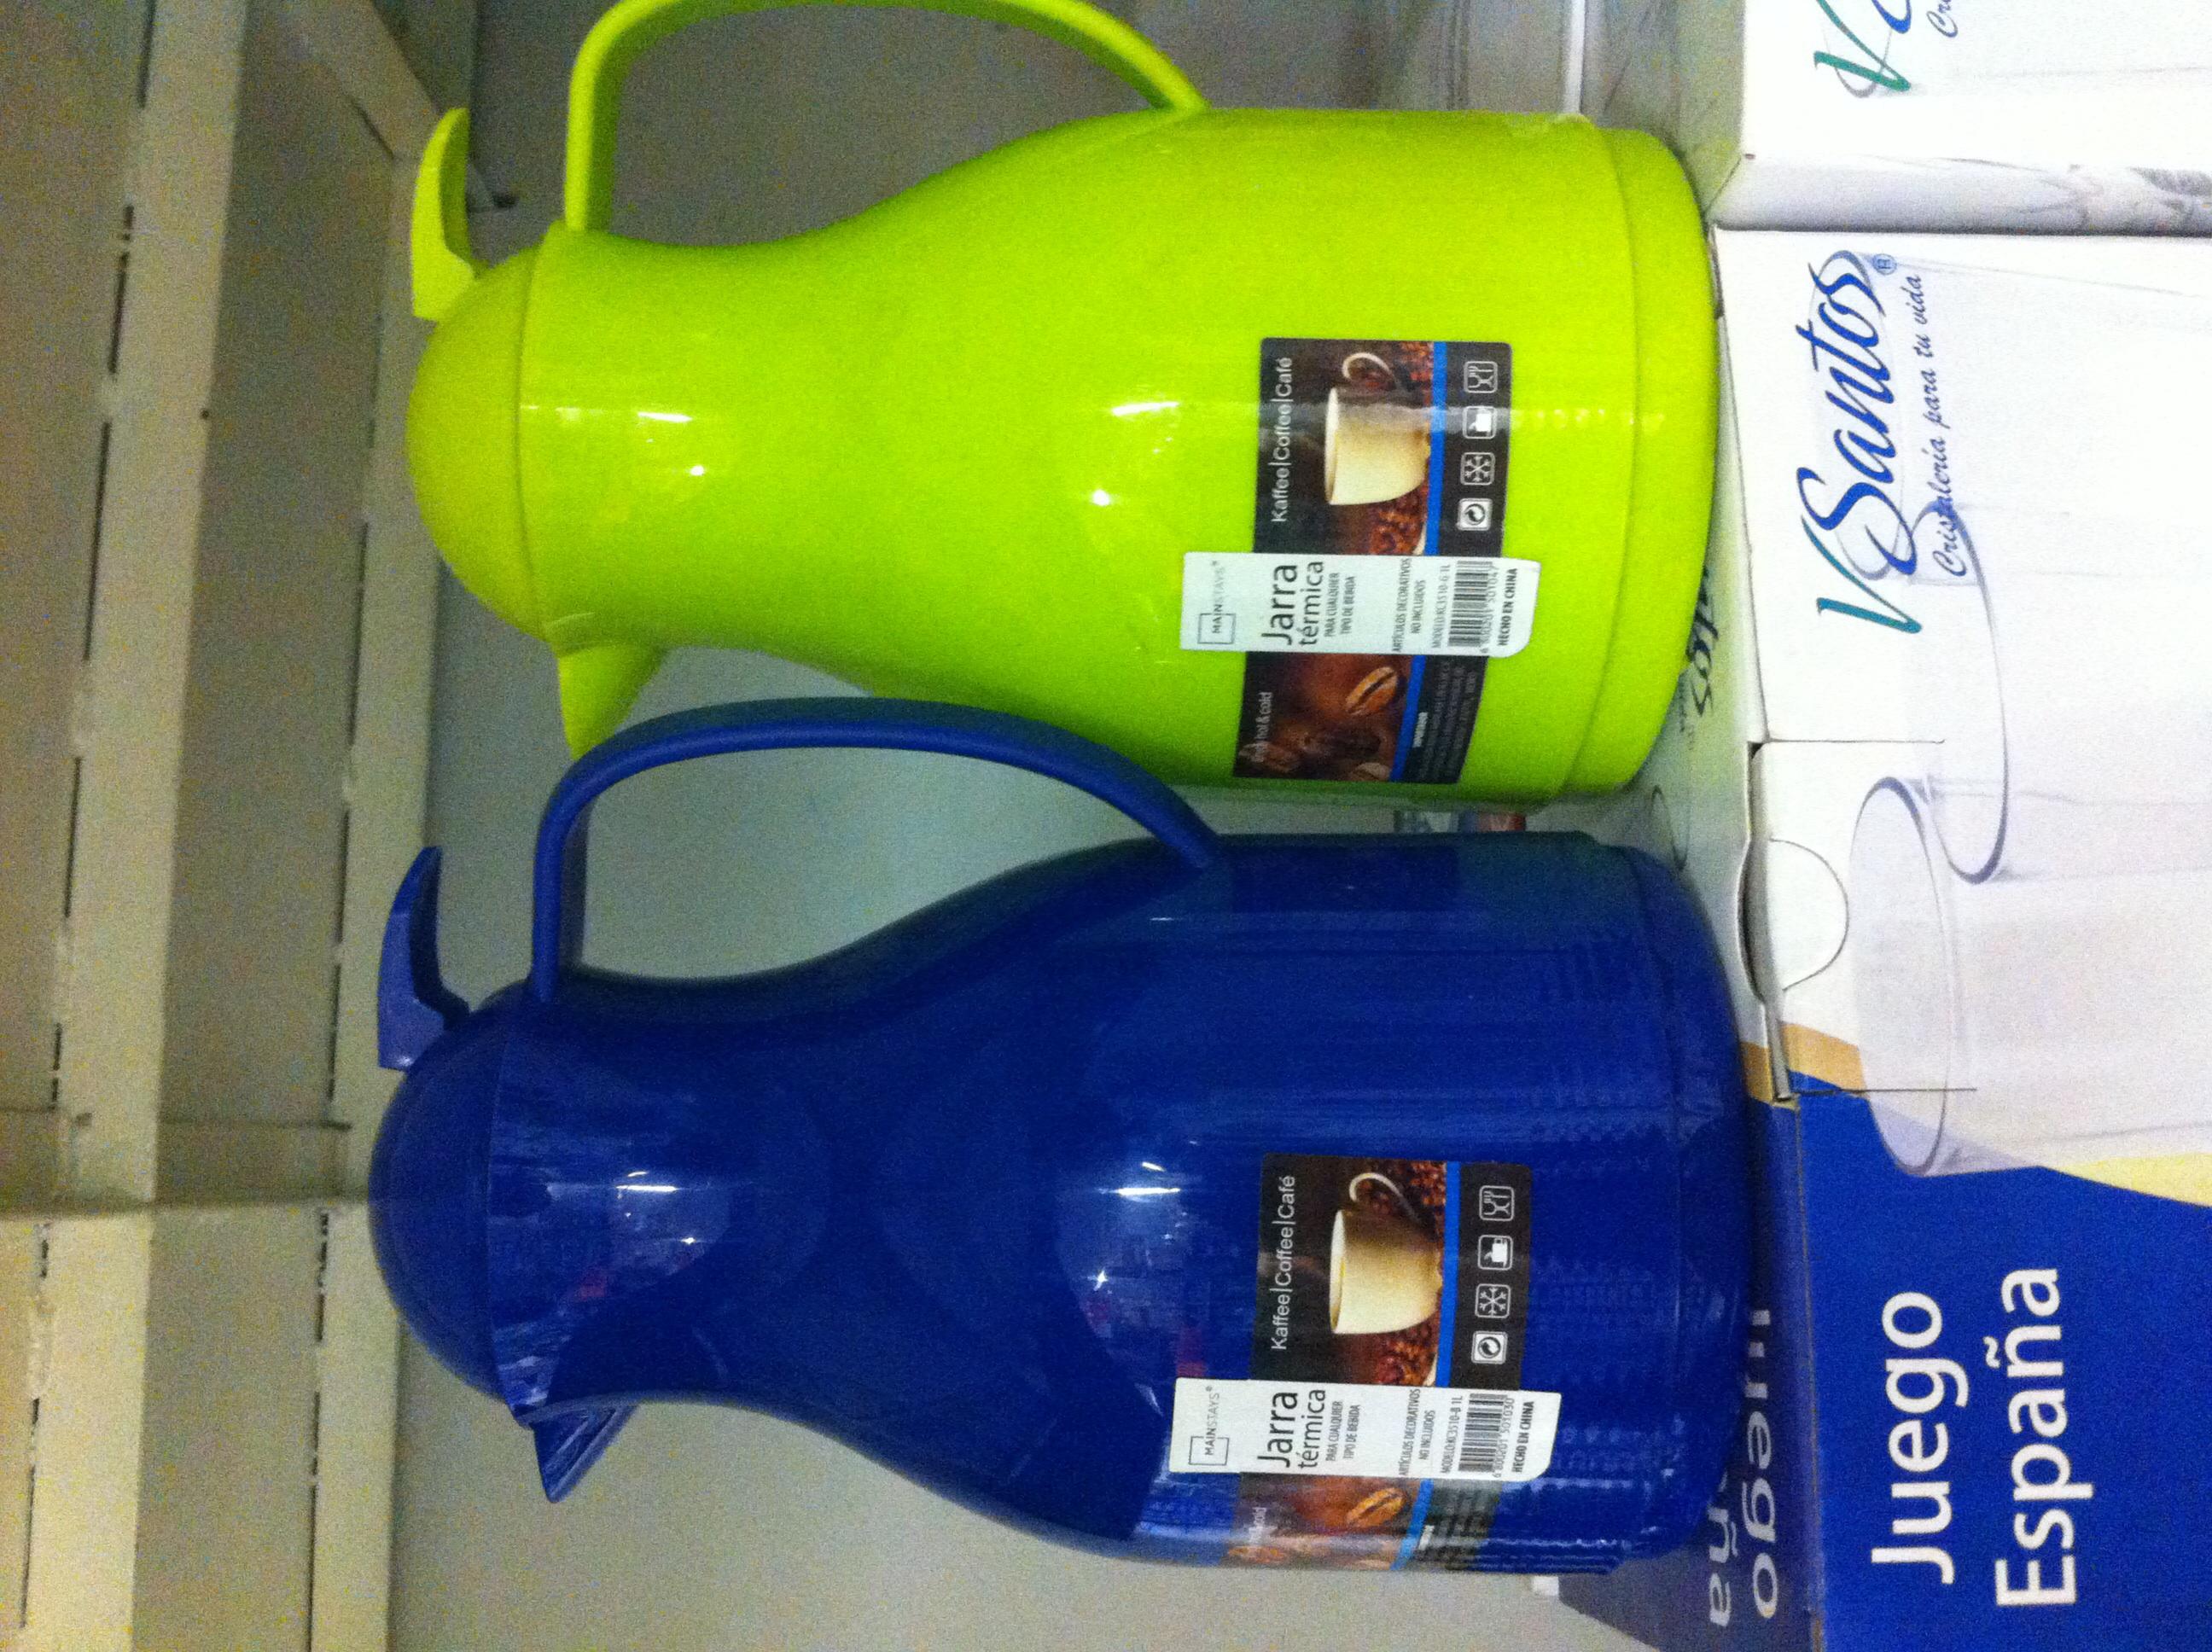 Bodega Aurrerá: jarra termica Mainstays a $55.02